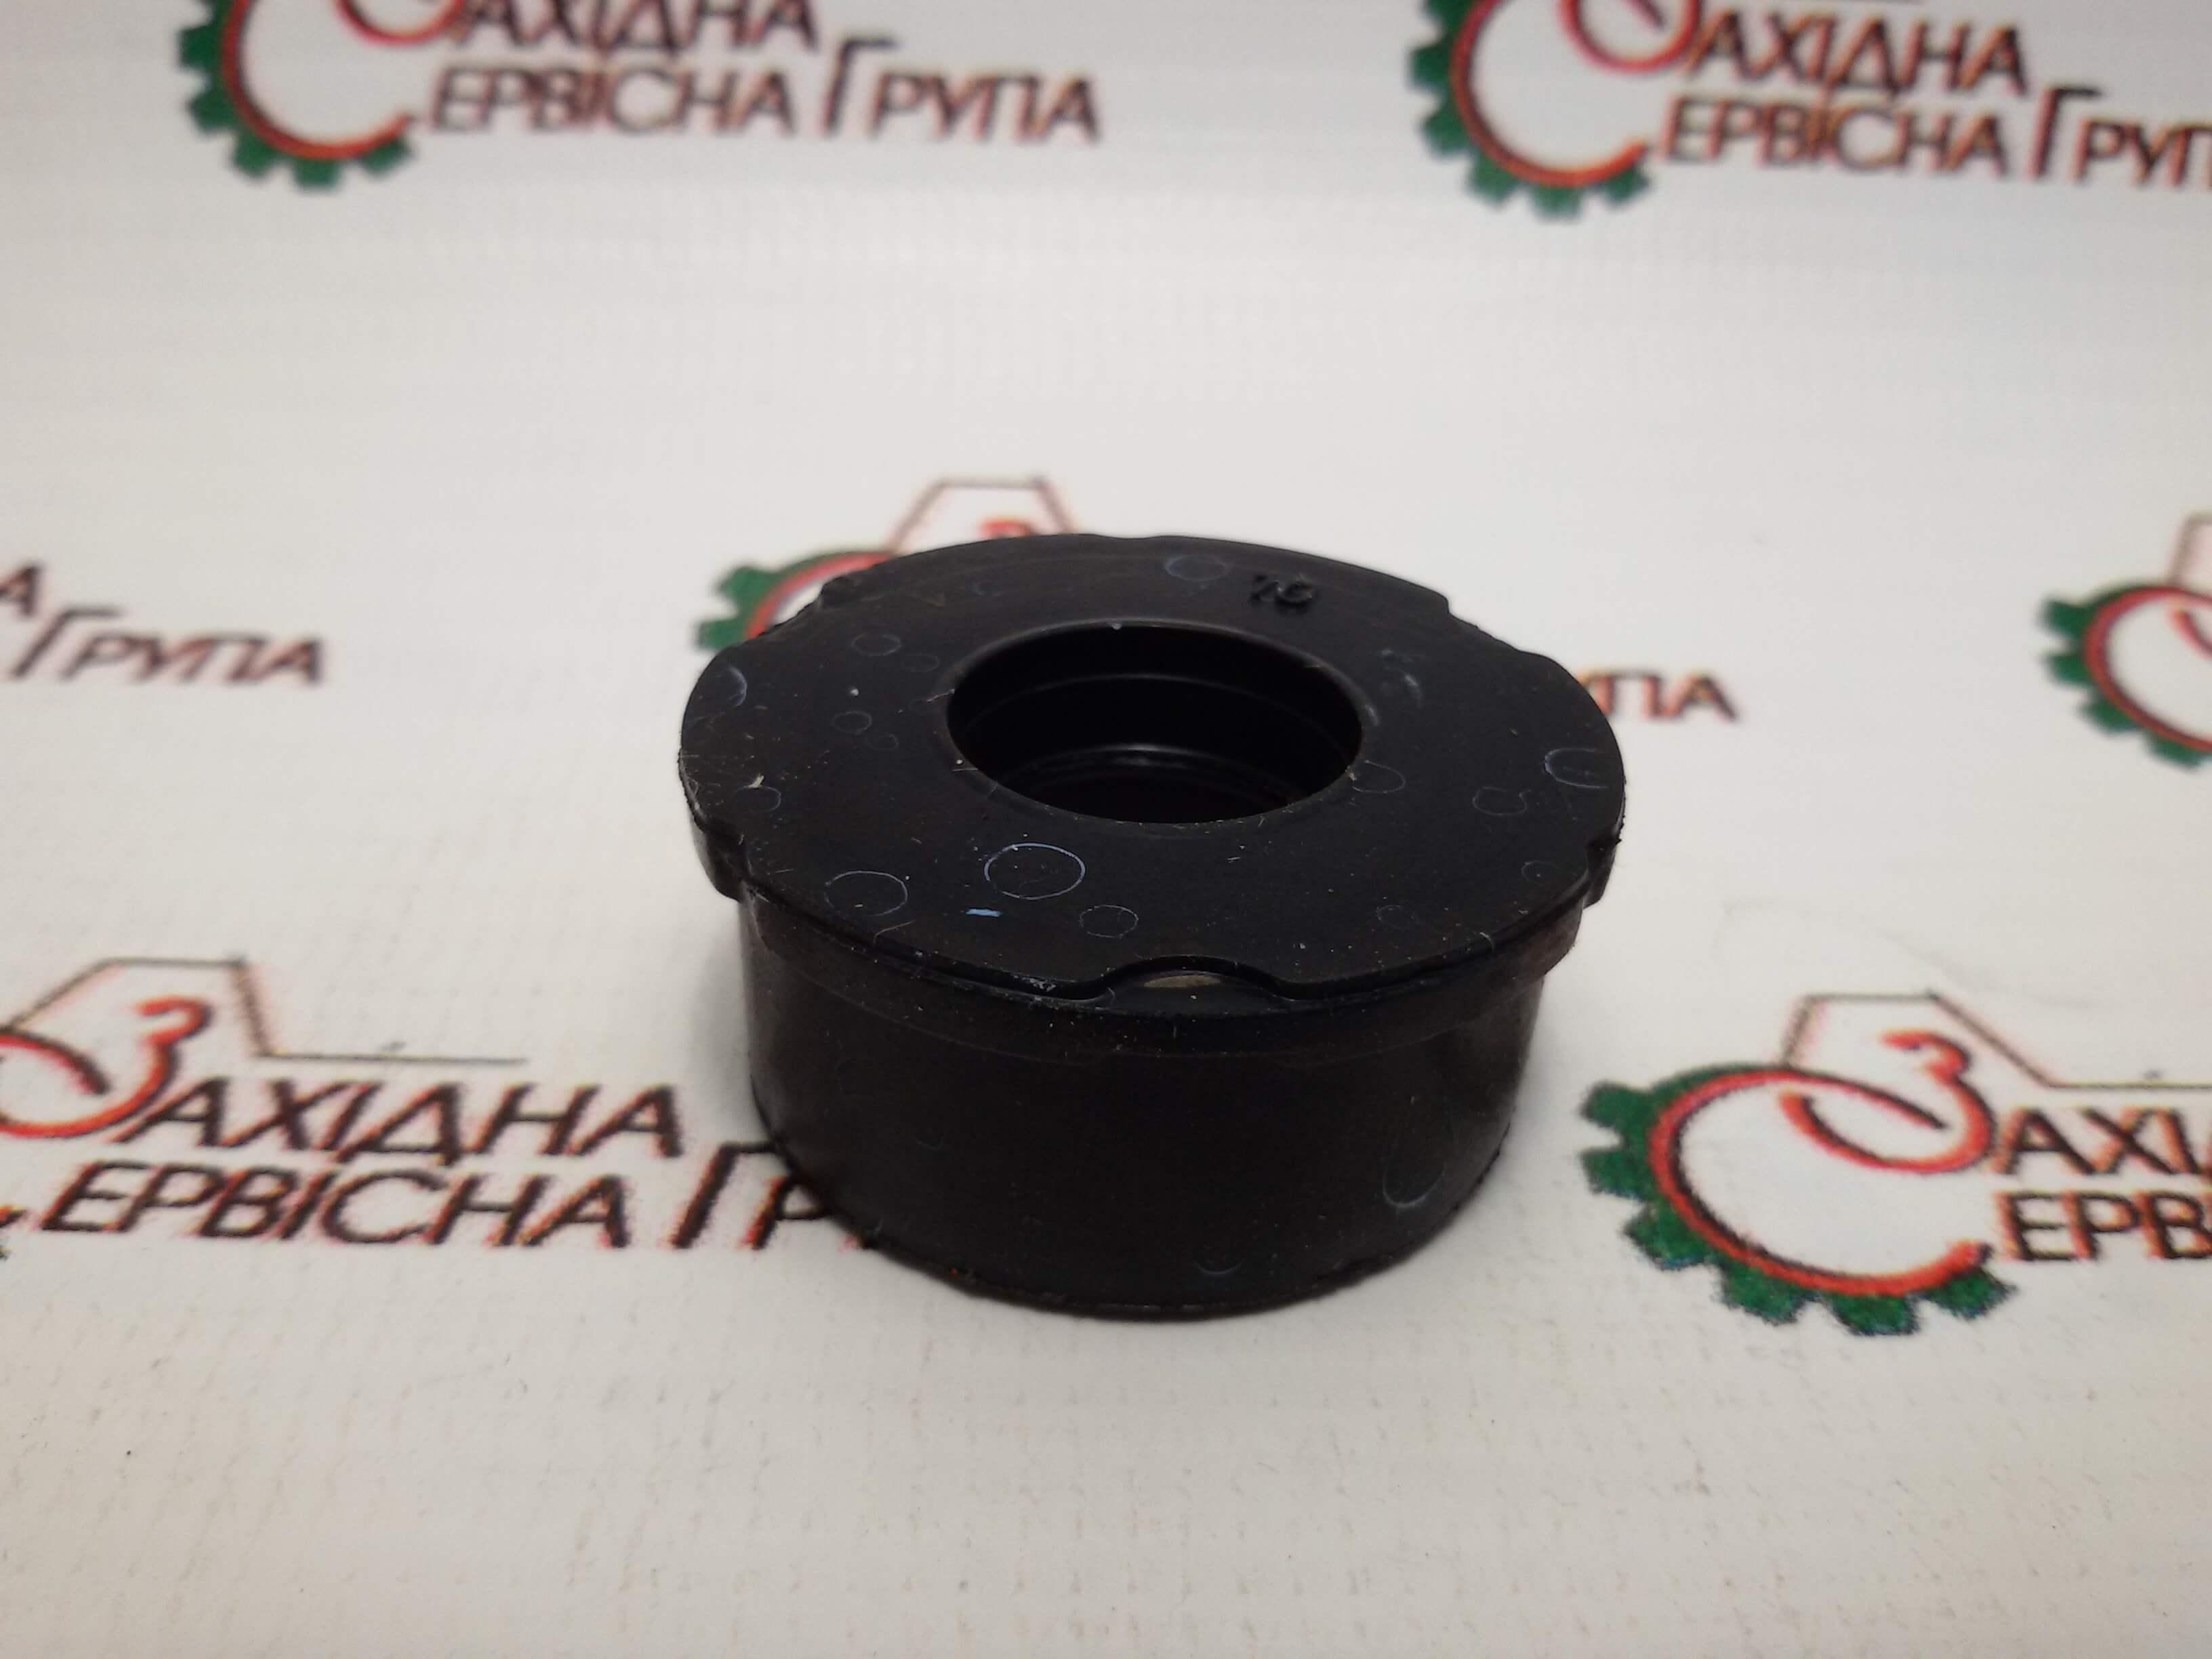 Шумоизолятор крышки клапанов Cummins ISBe, QSB6.7, 5271613, 4899239.